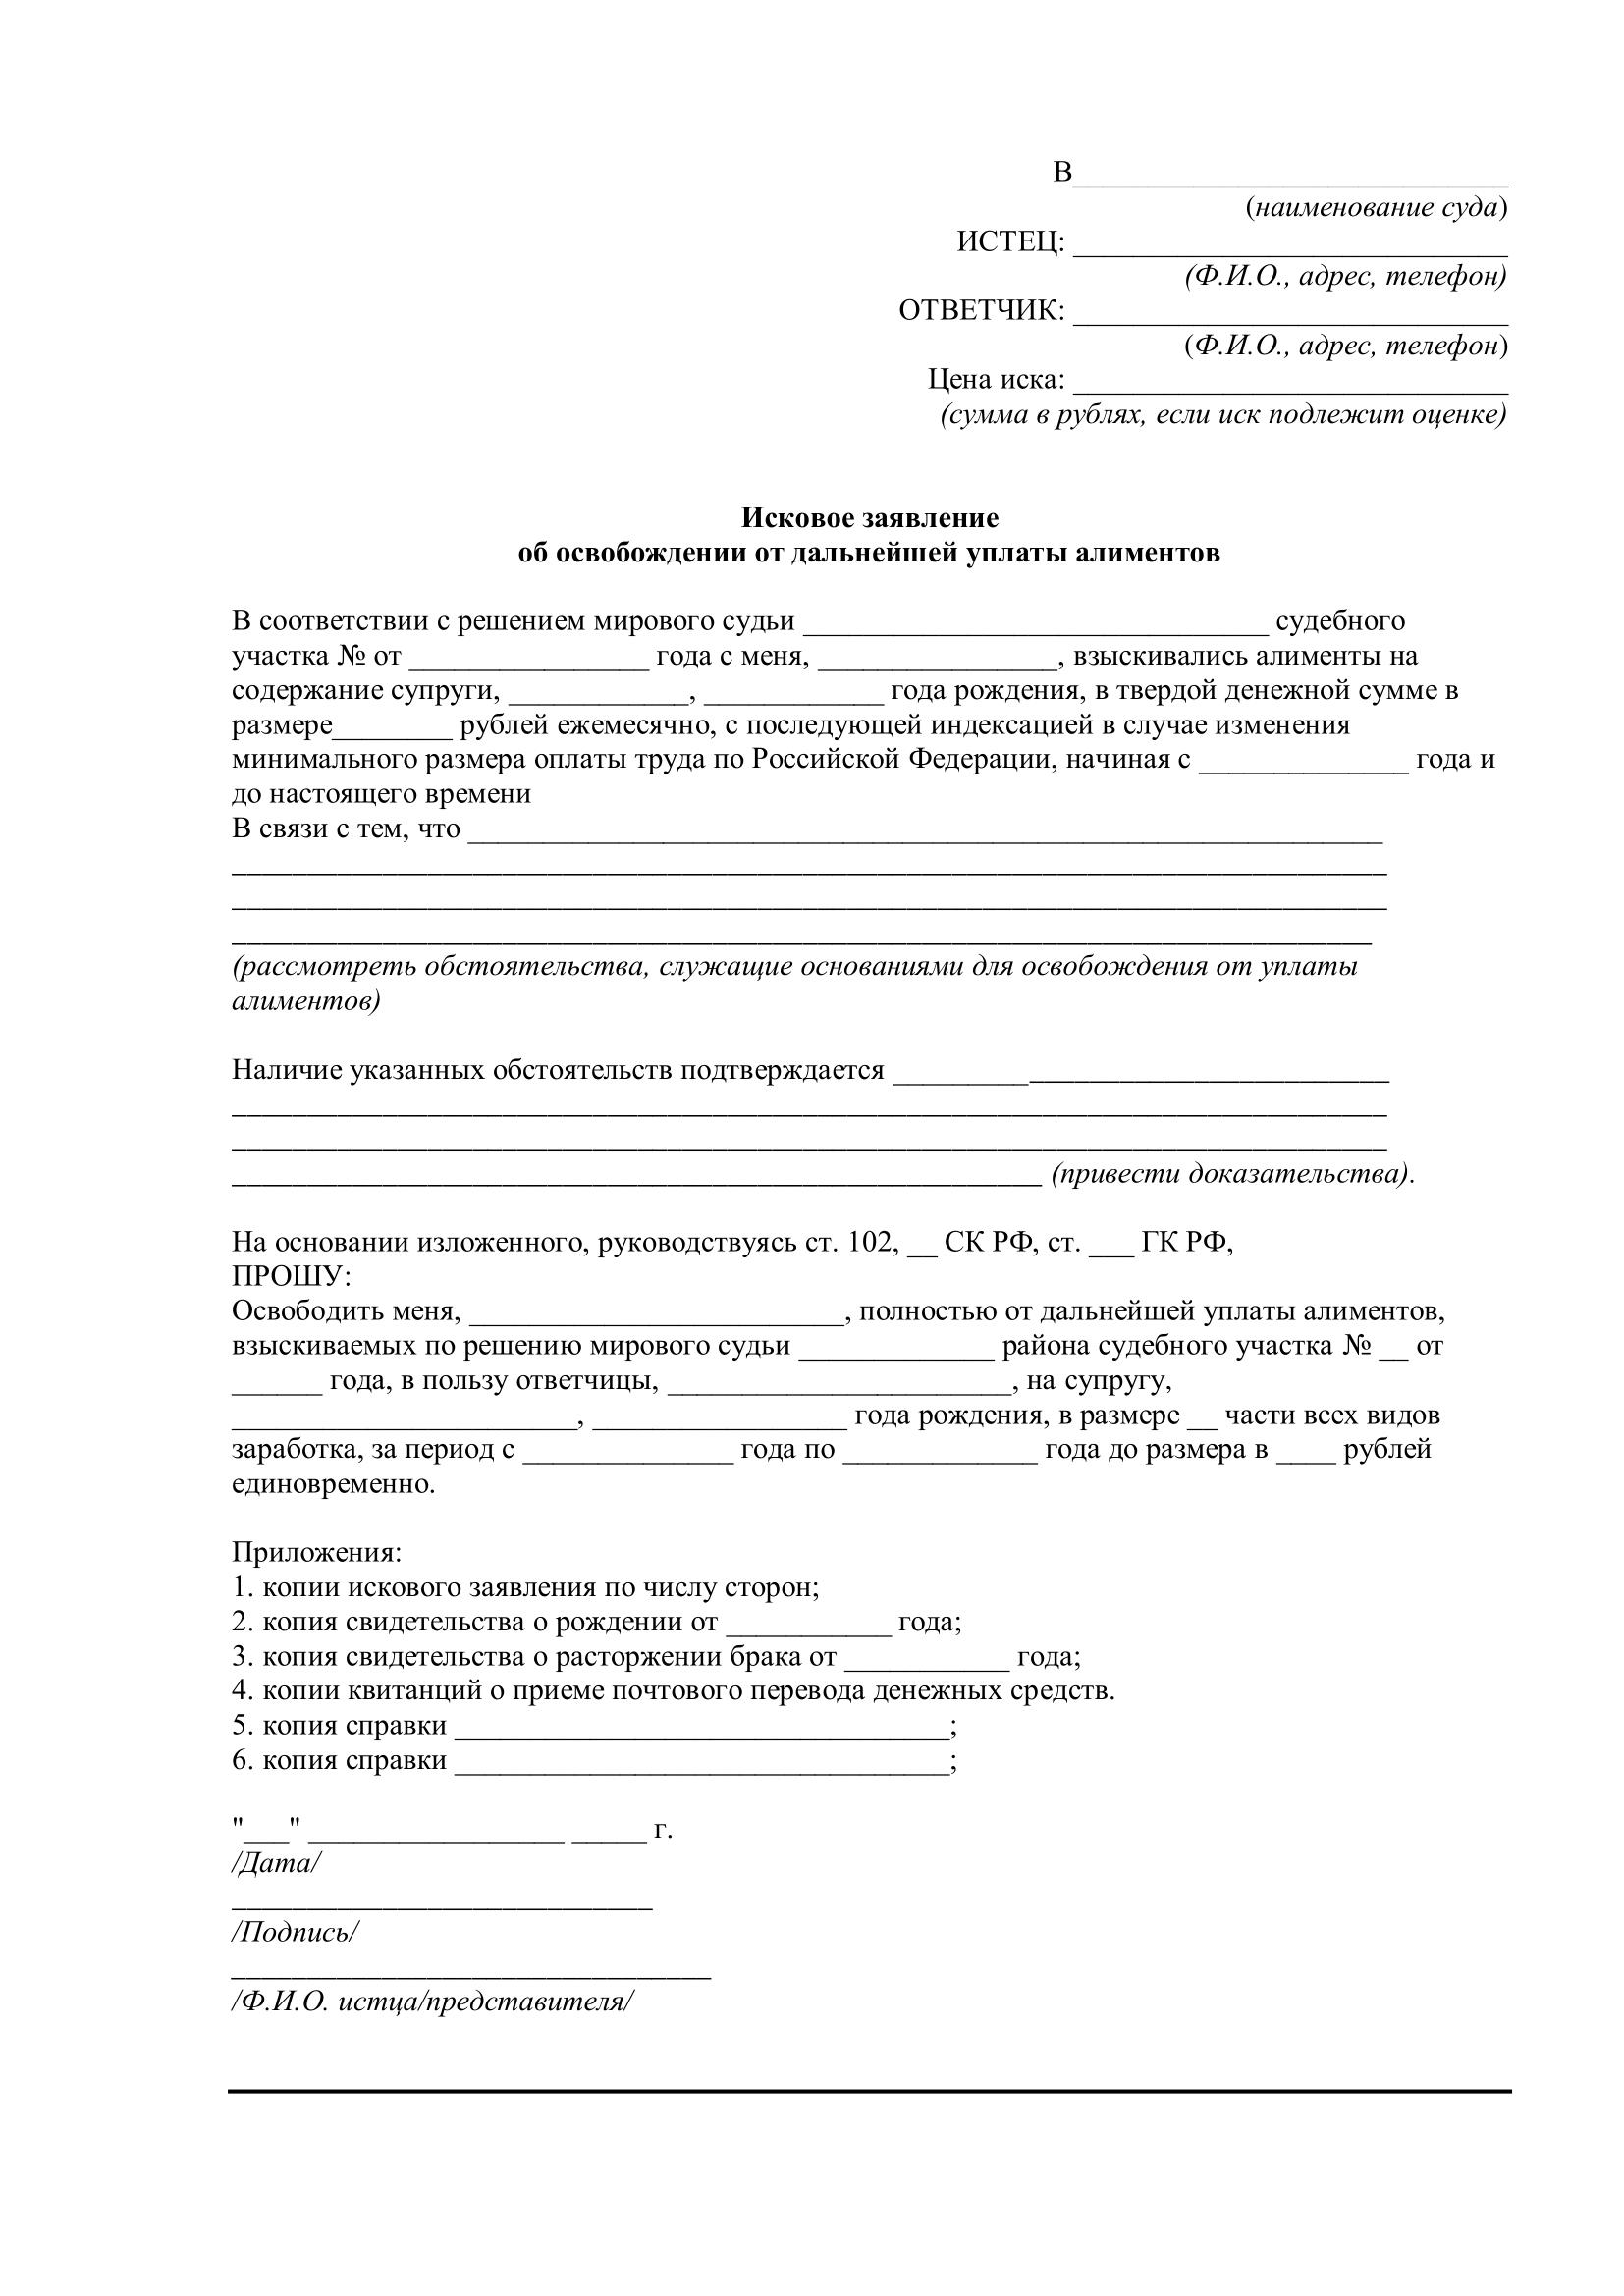 Исковое заявление об освобождении от дальнейшей уплаты алиментов на супругу